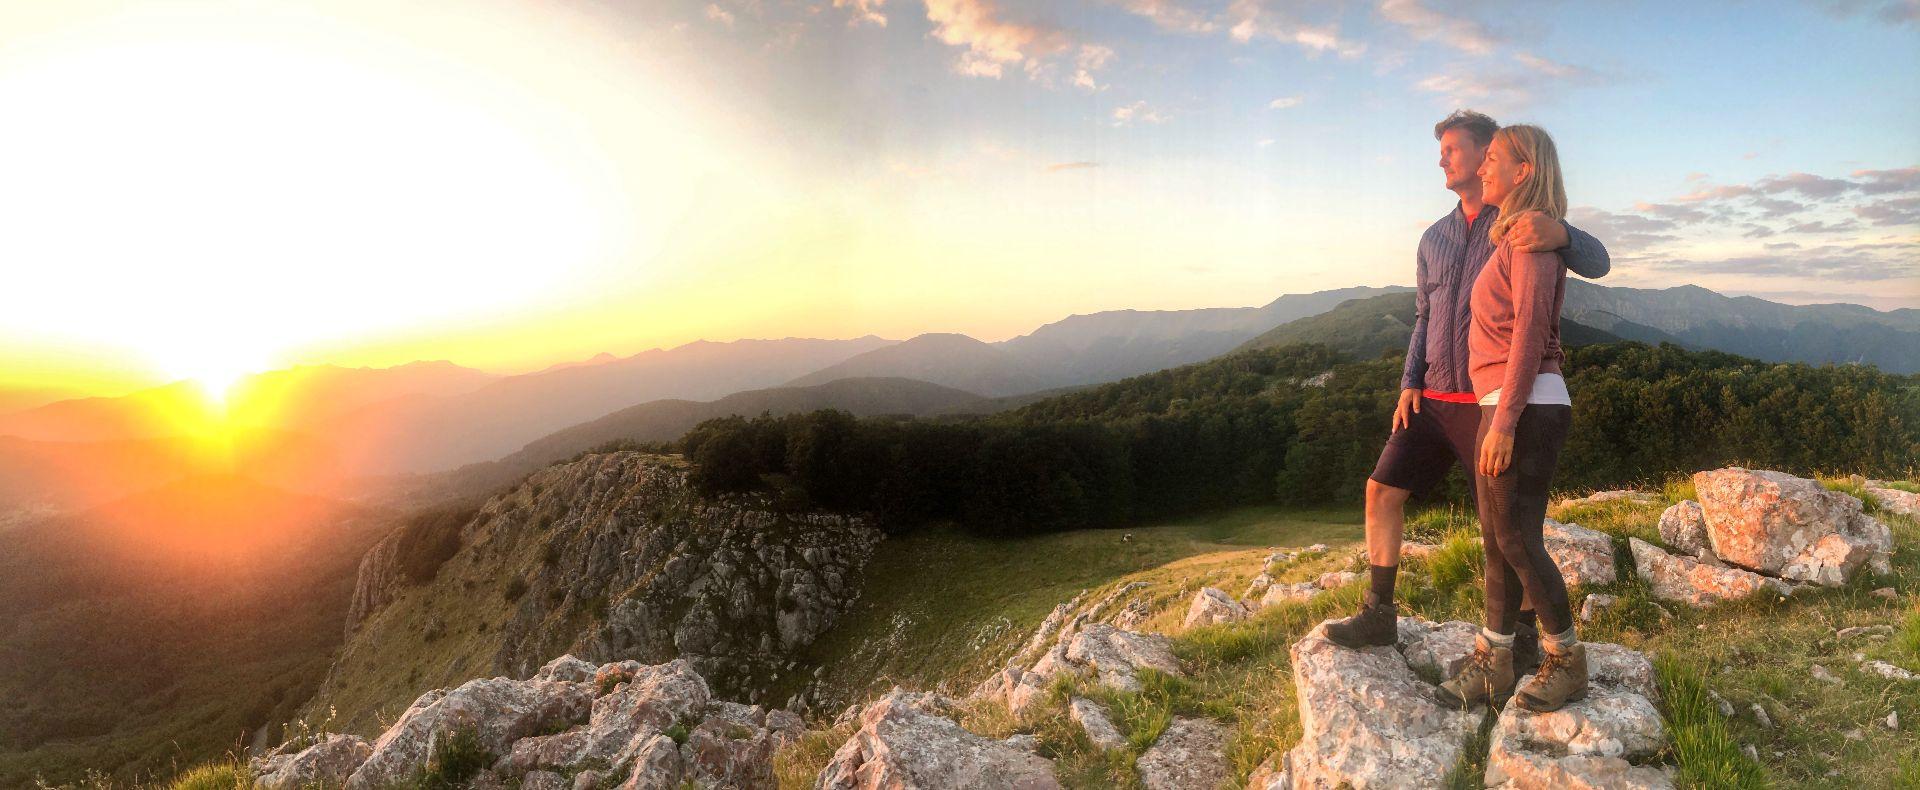 Trekking tour al tramonto alla Pania di Corfino in Garfagnana